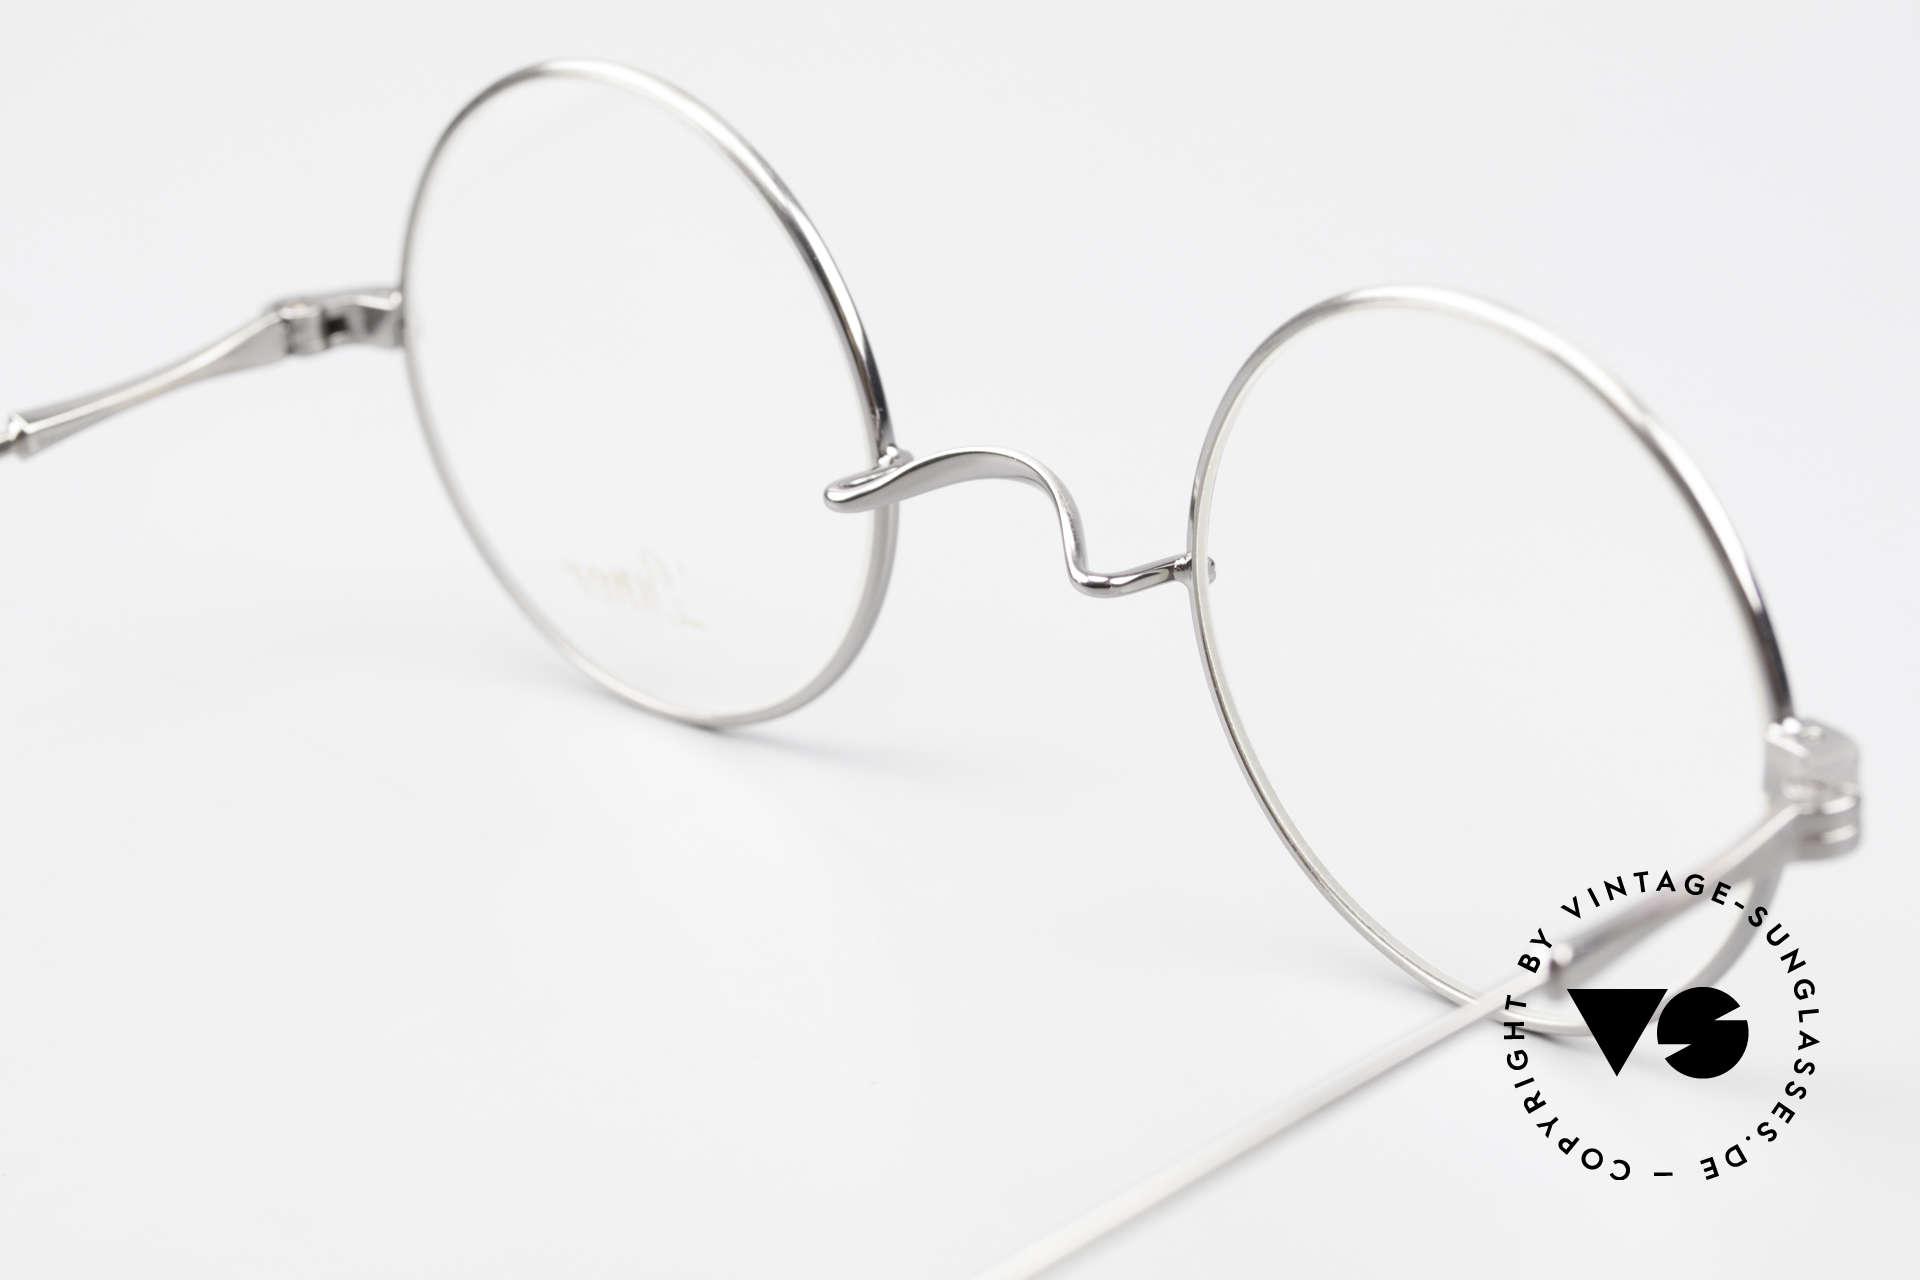 Lunor II 23 Runde Brille Antik Silber AS, Größe: medium, Passend für Herren und Damen